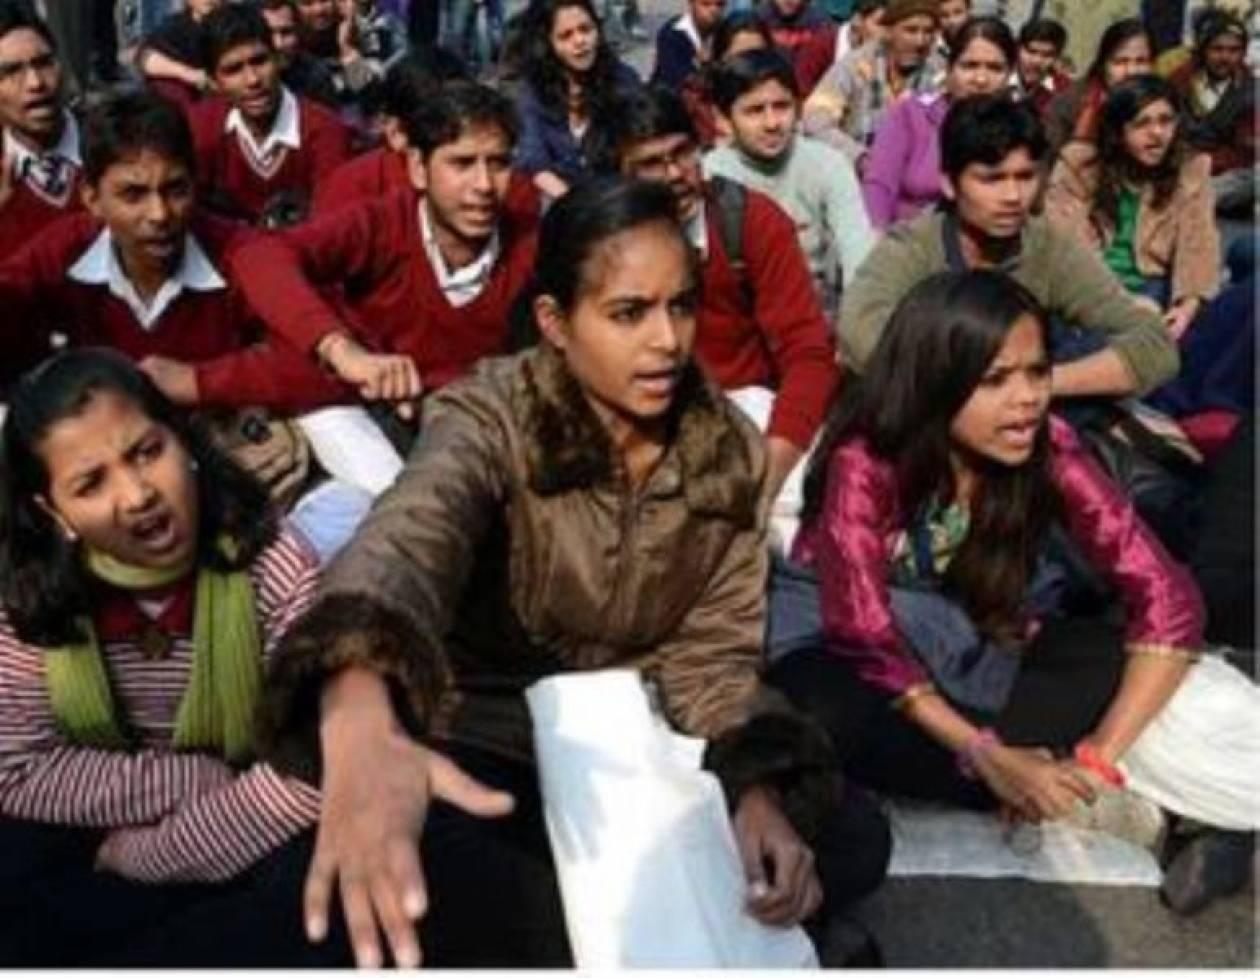 Σοκ: Νέα καταγγελία ομαδικού βιασμού στο Νέο Δελχί